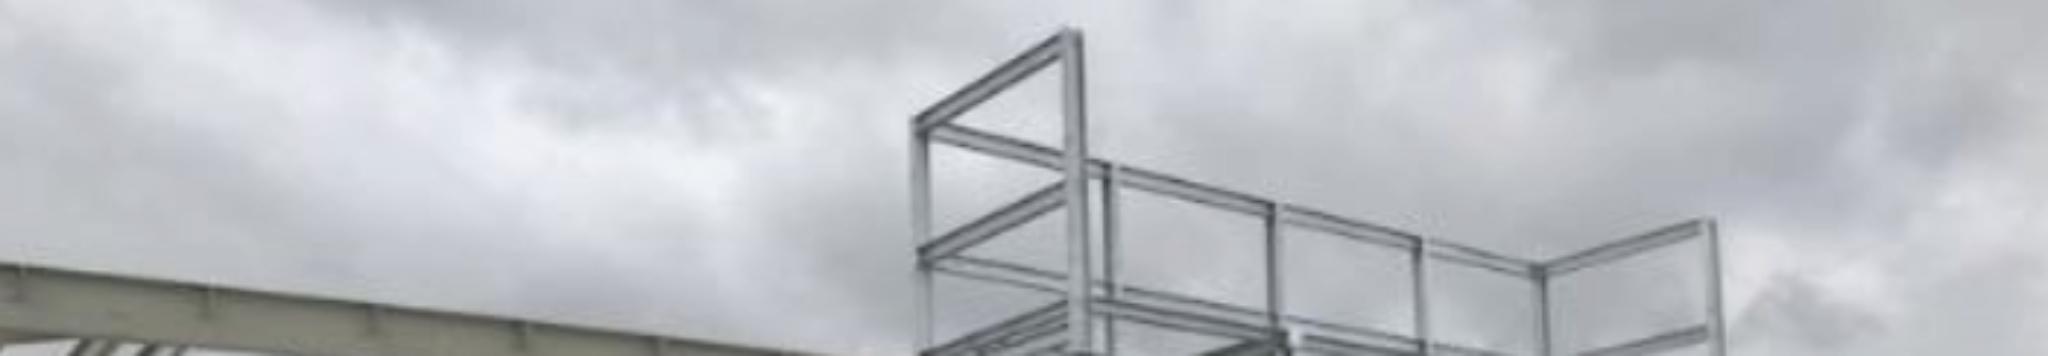 Primark, Milton Keynes (2018)